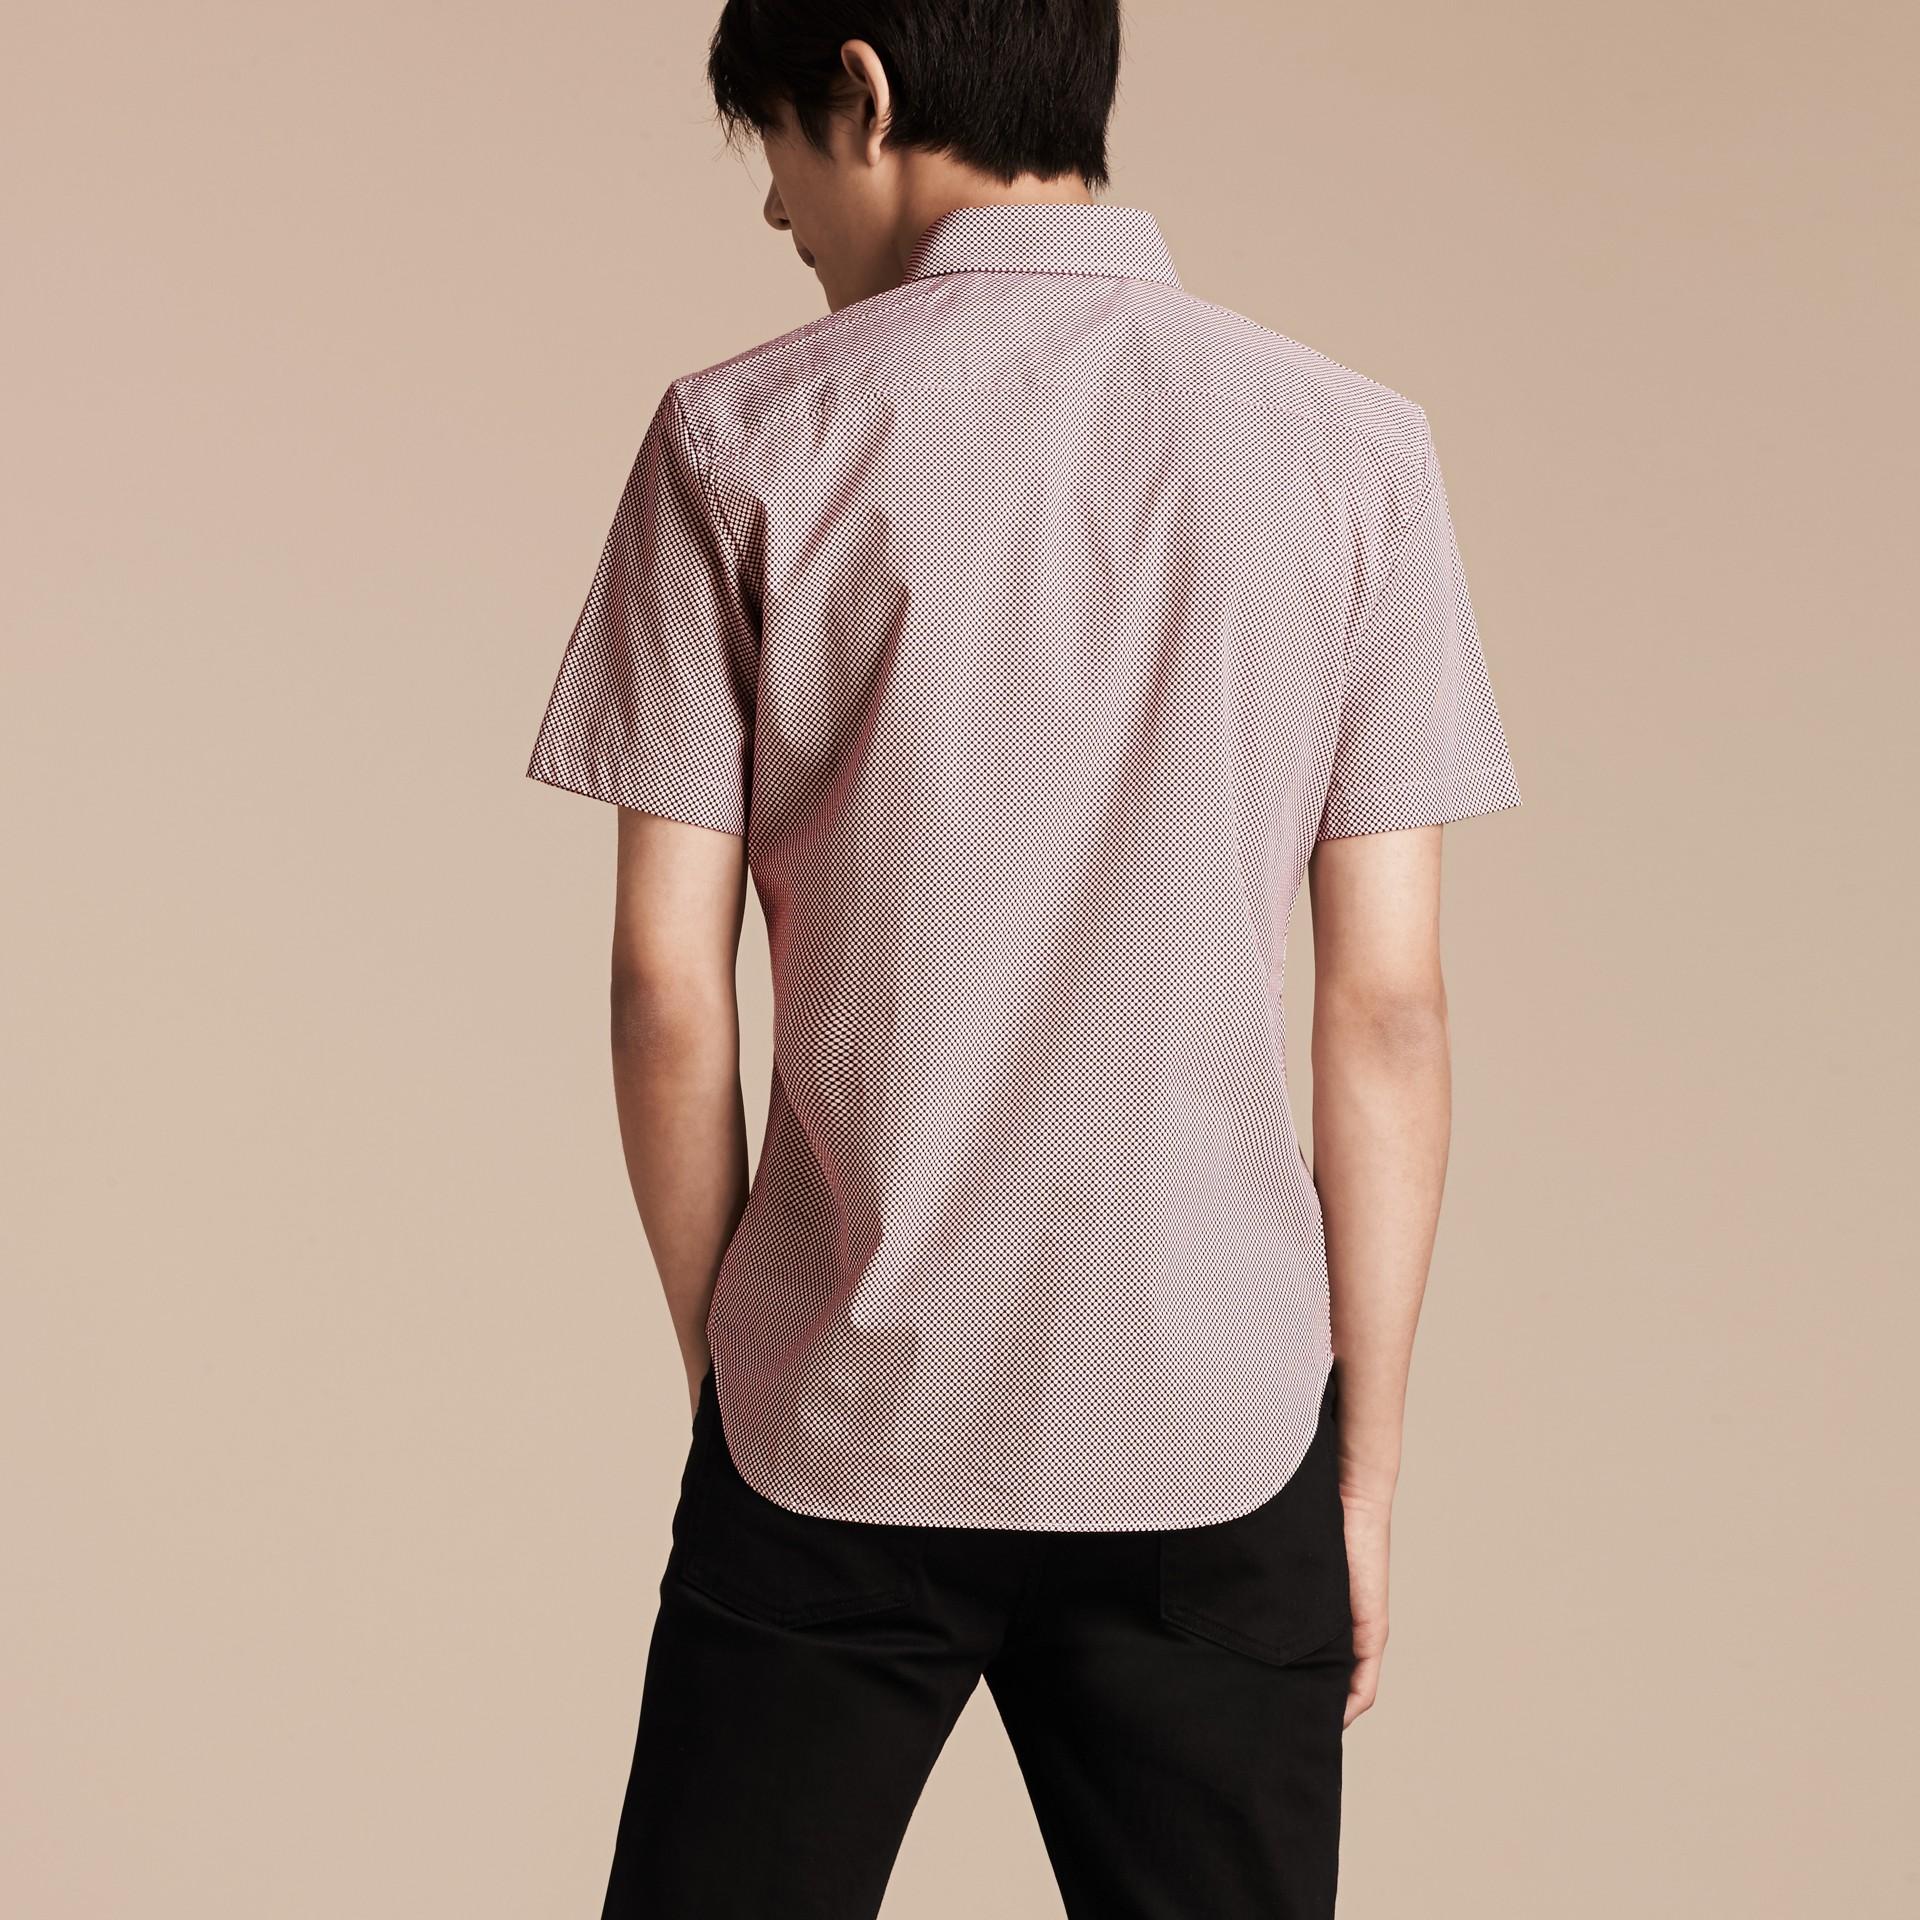 Carmine red Camisa de algodão com mangas curtas e estampa de poás - galeria de imagens 3